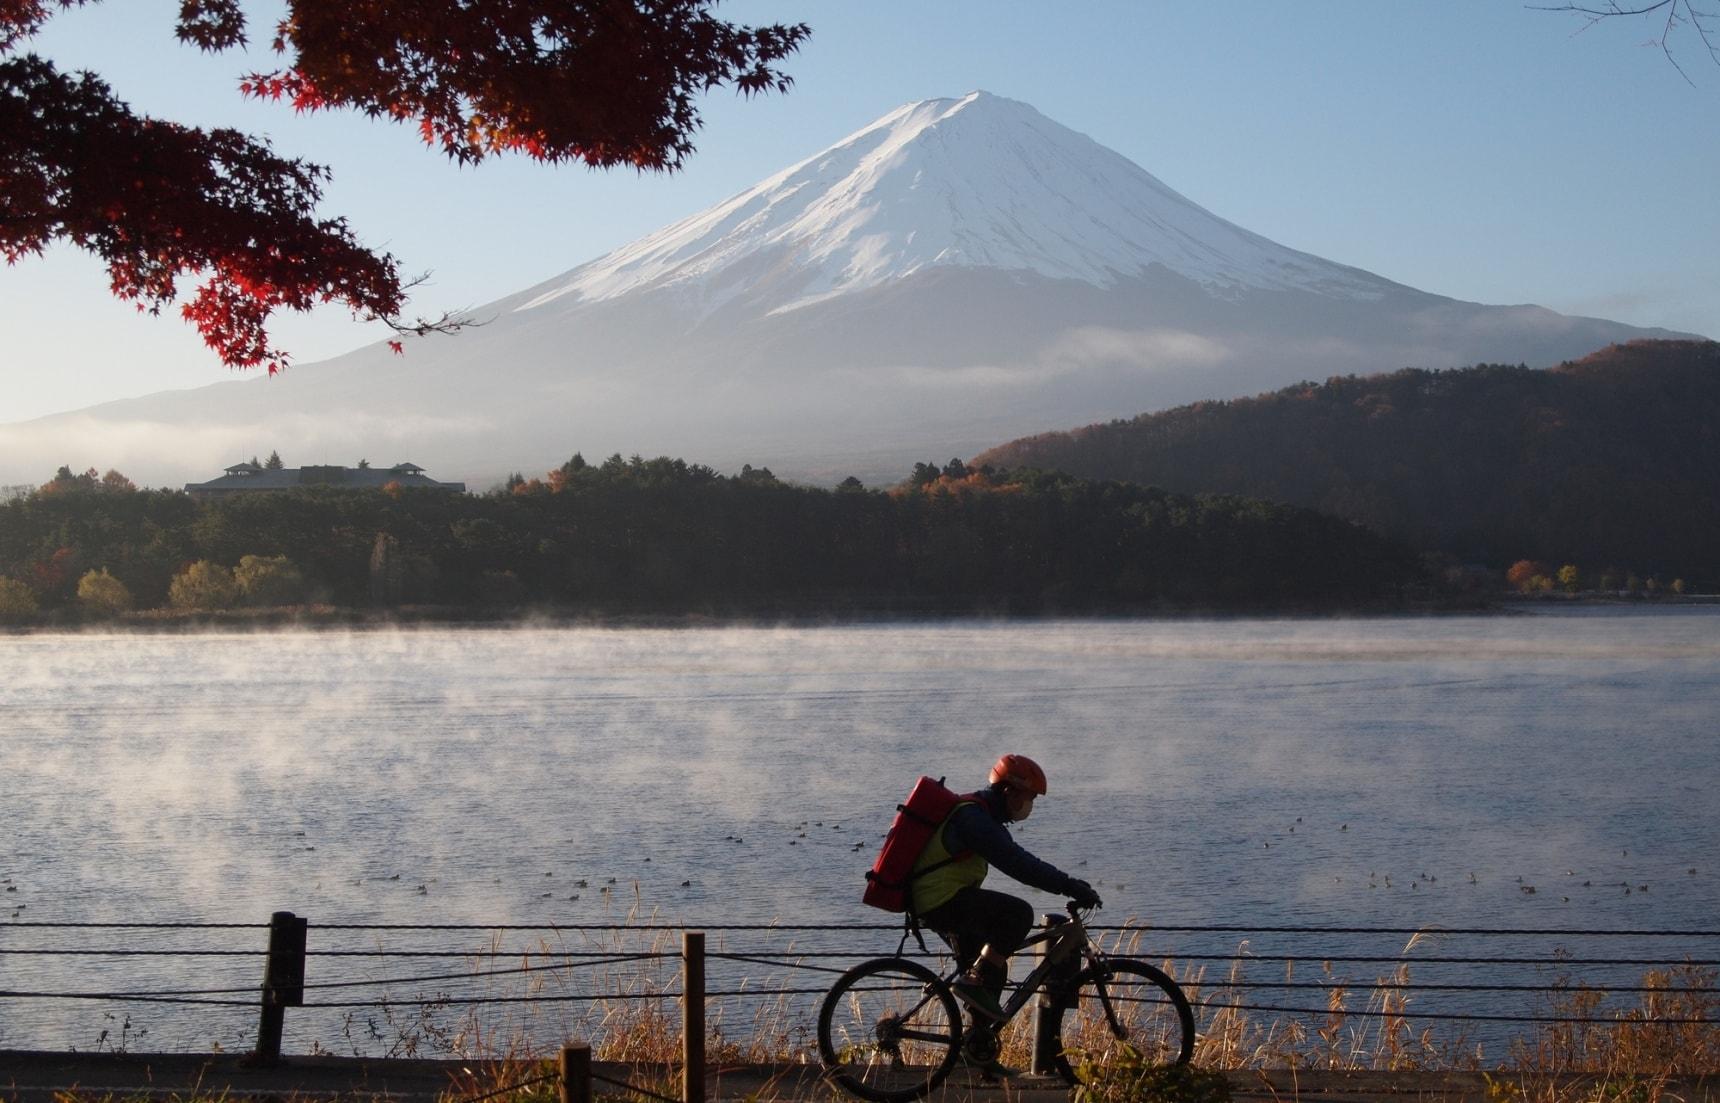 แนะนำ 5 เส้นทางปั่นจักรยานในญี่ปุ่น